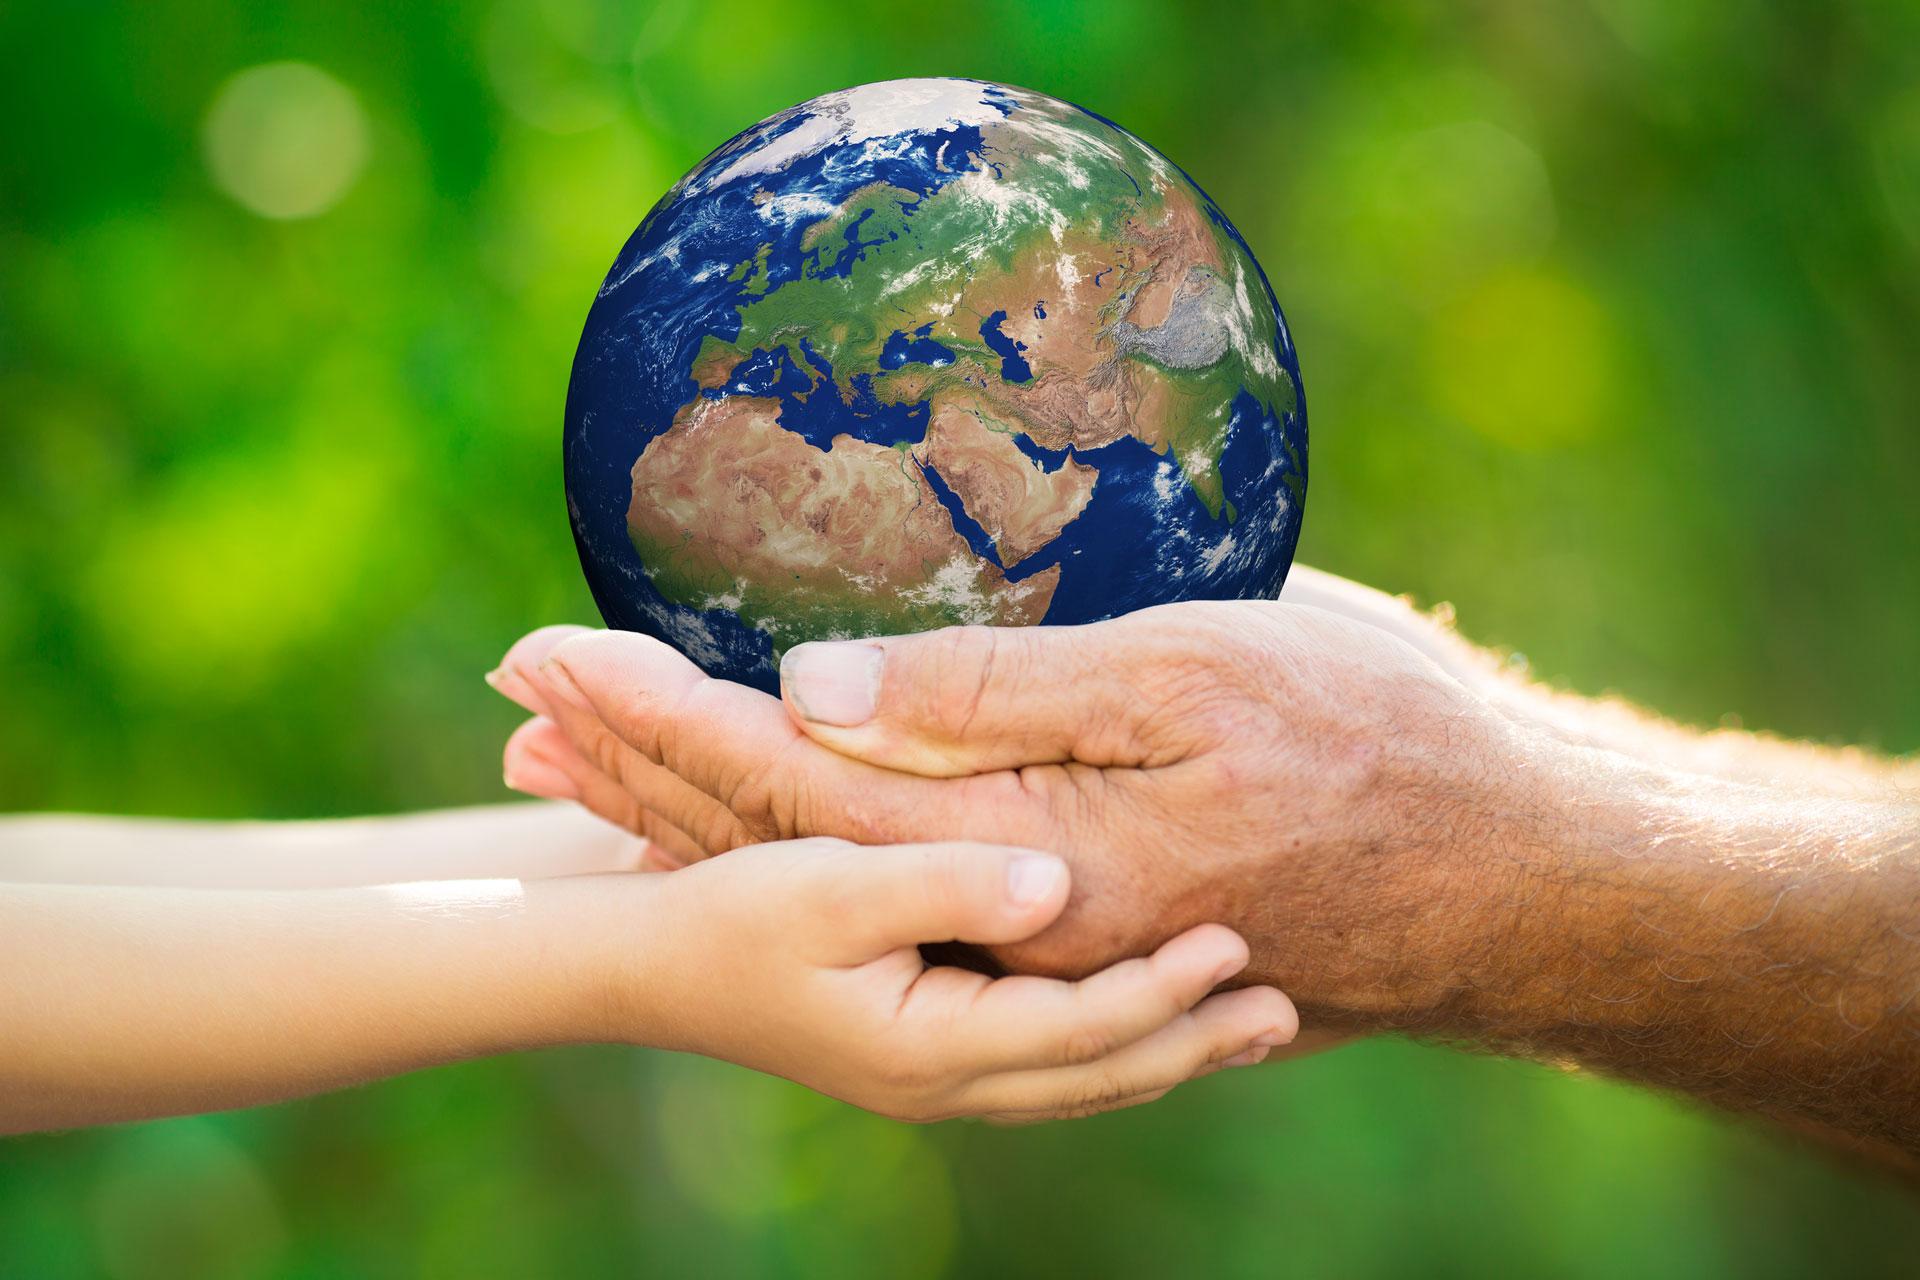 Die Verantwortung für das «gemeinsame Haus Erde» müsse gemeinsame Sorge aller Menschen sein, fordert Papst Franziskus. | © fotolia.de